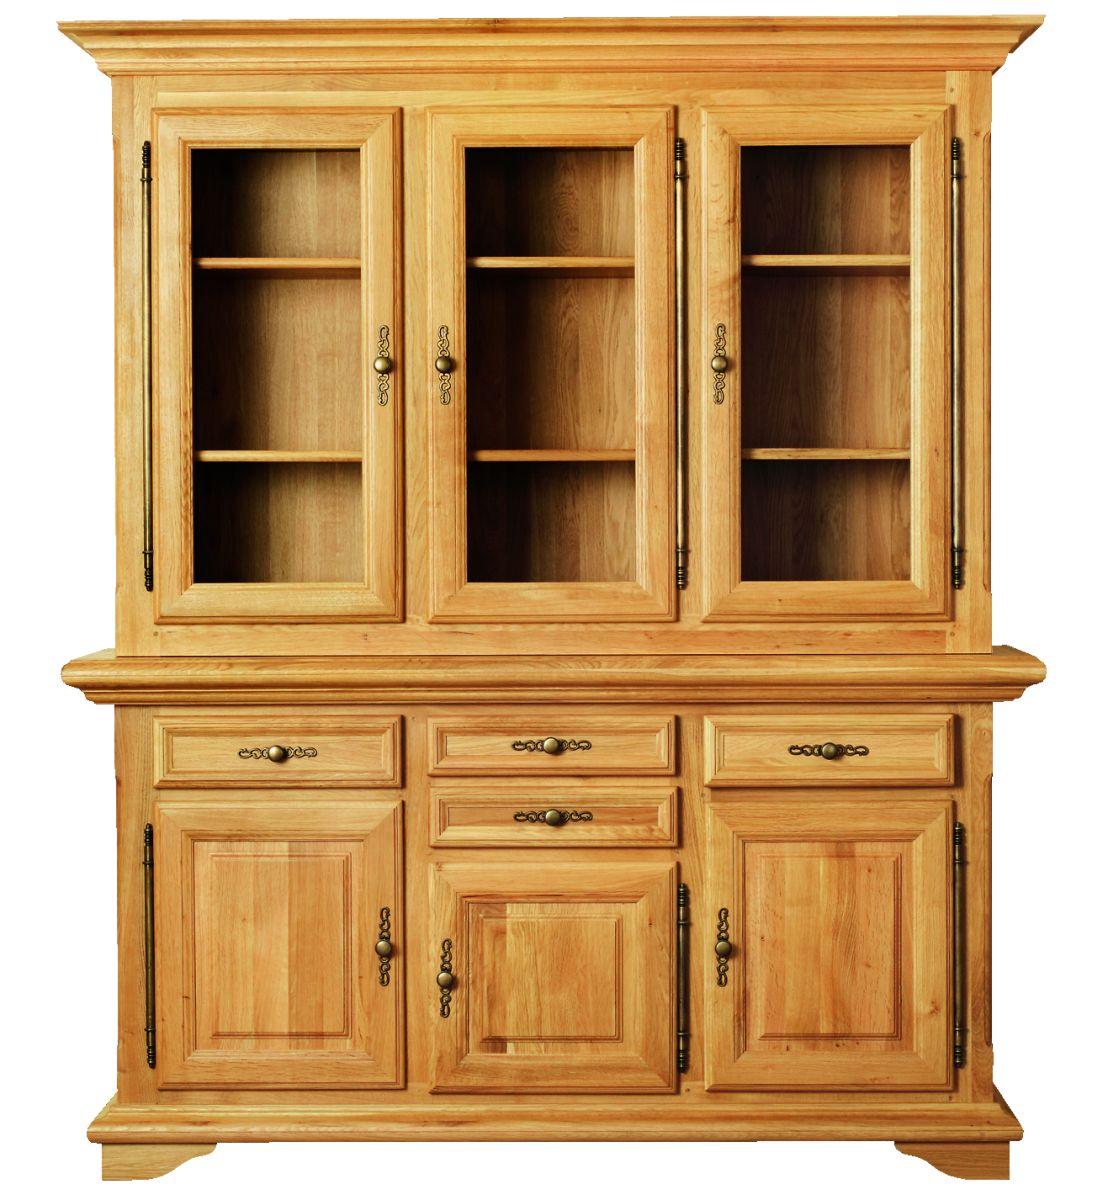 Solid Oak Cabinet Top, 3 Doors